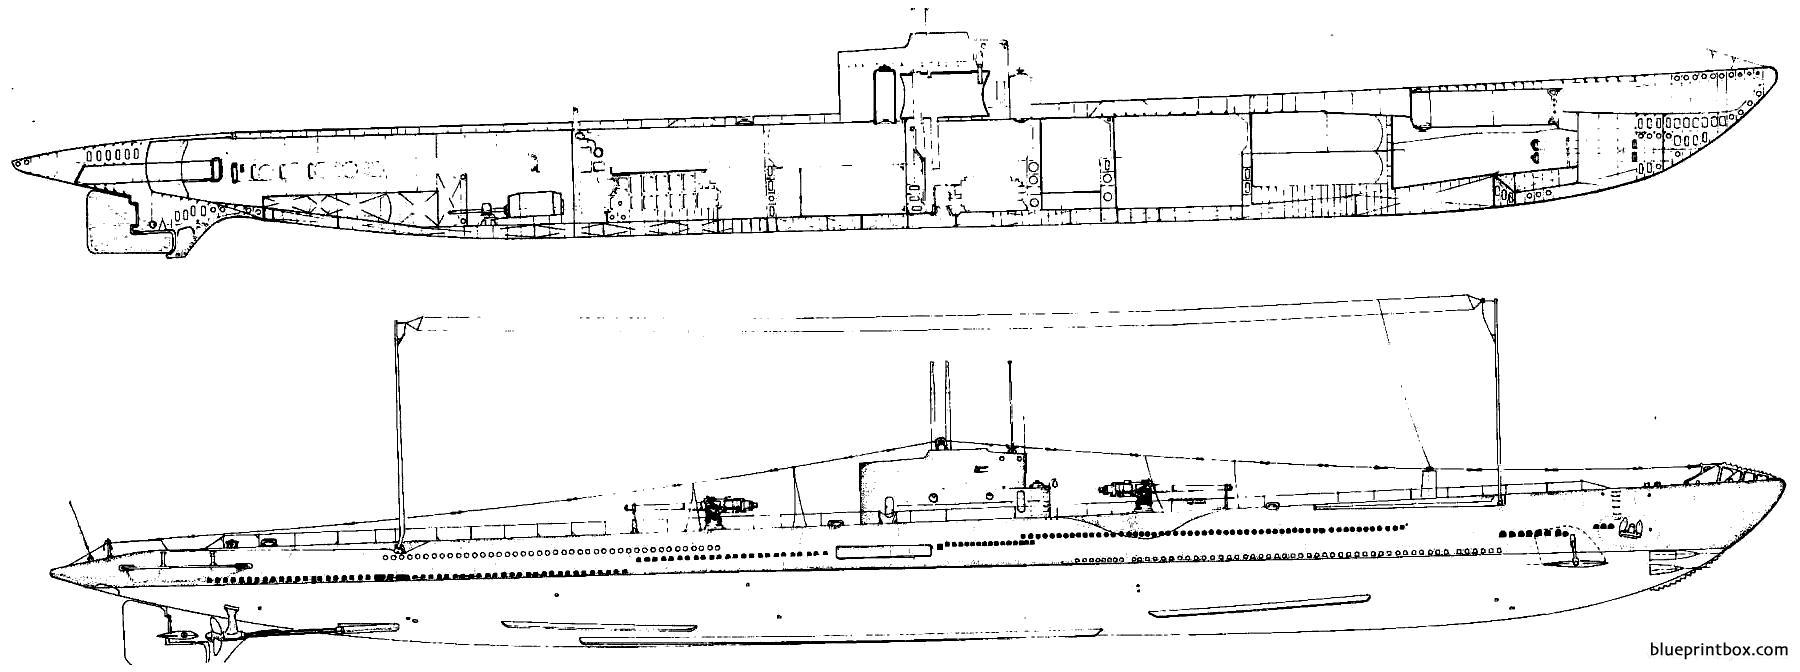 Uss Ss 166 Argonaut 1943 - Blueprintbox Com